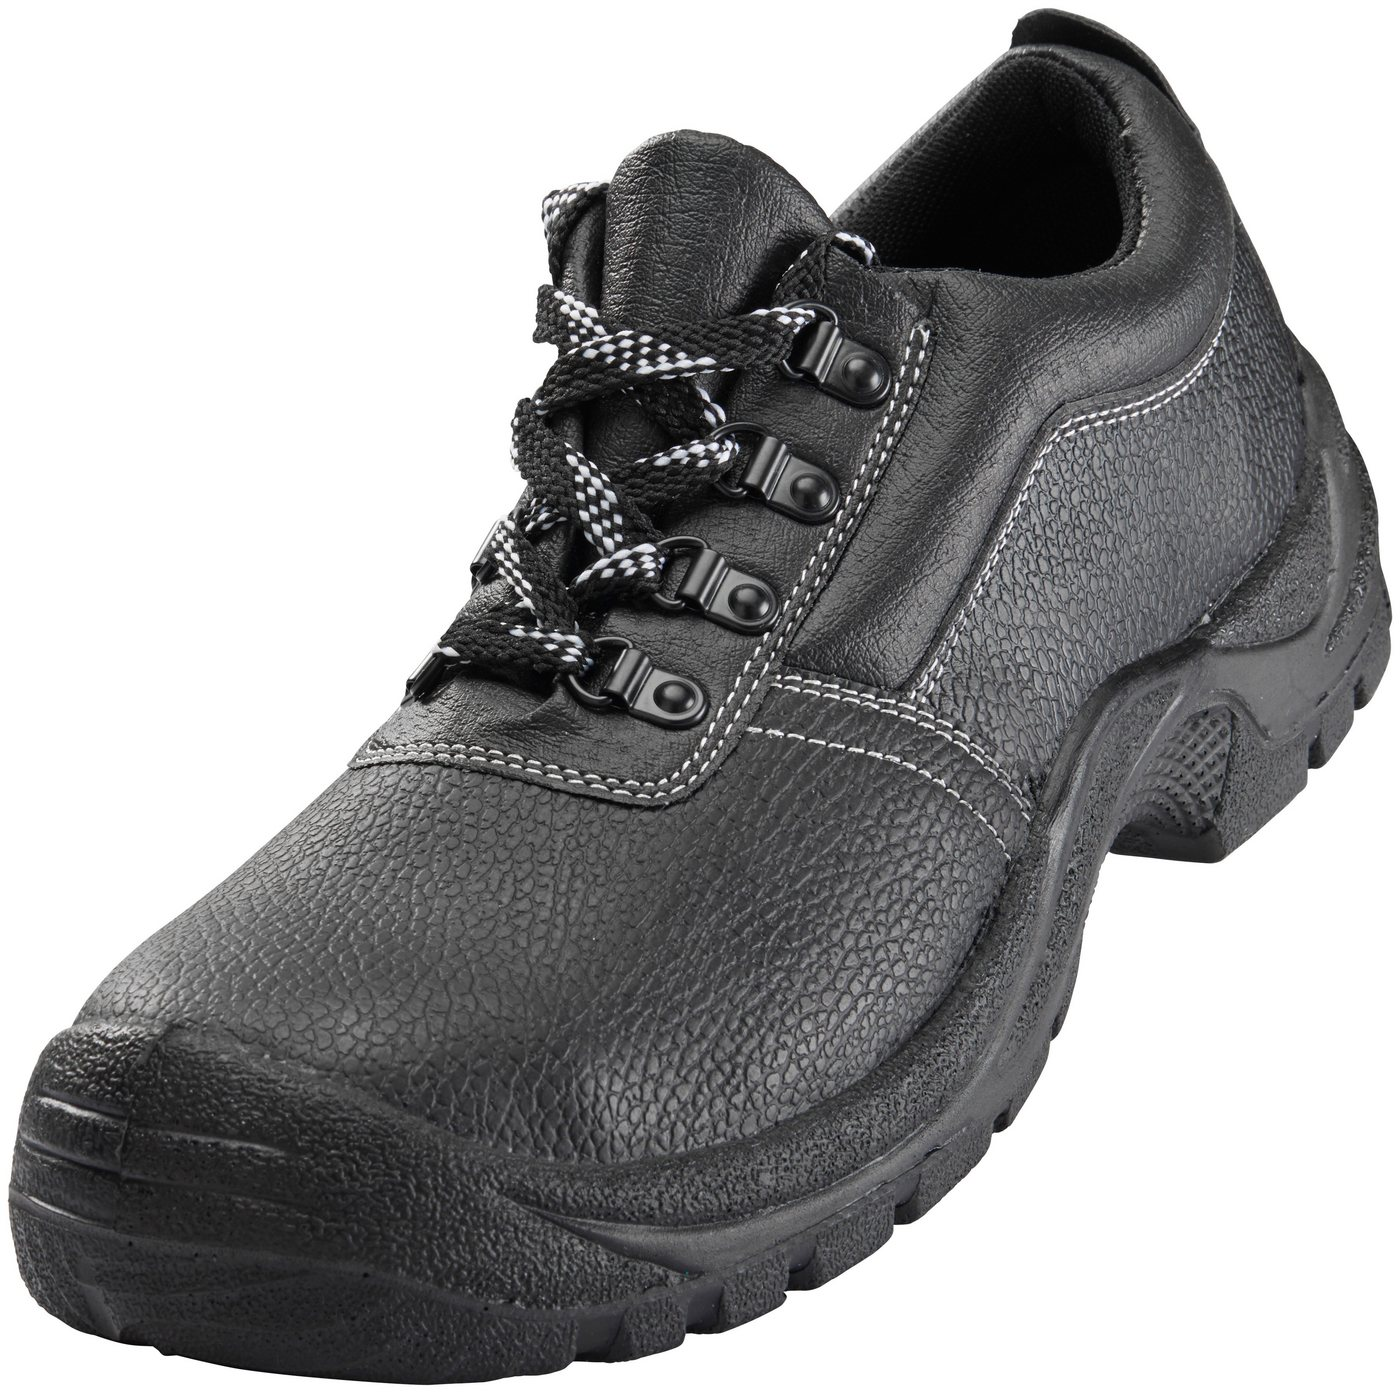 Sicherheitsschuh | Schuhe > Sicherheitsschuhe | Schwarz | OTTO